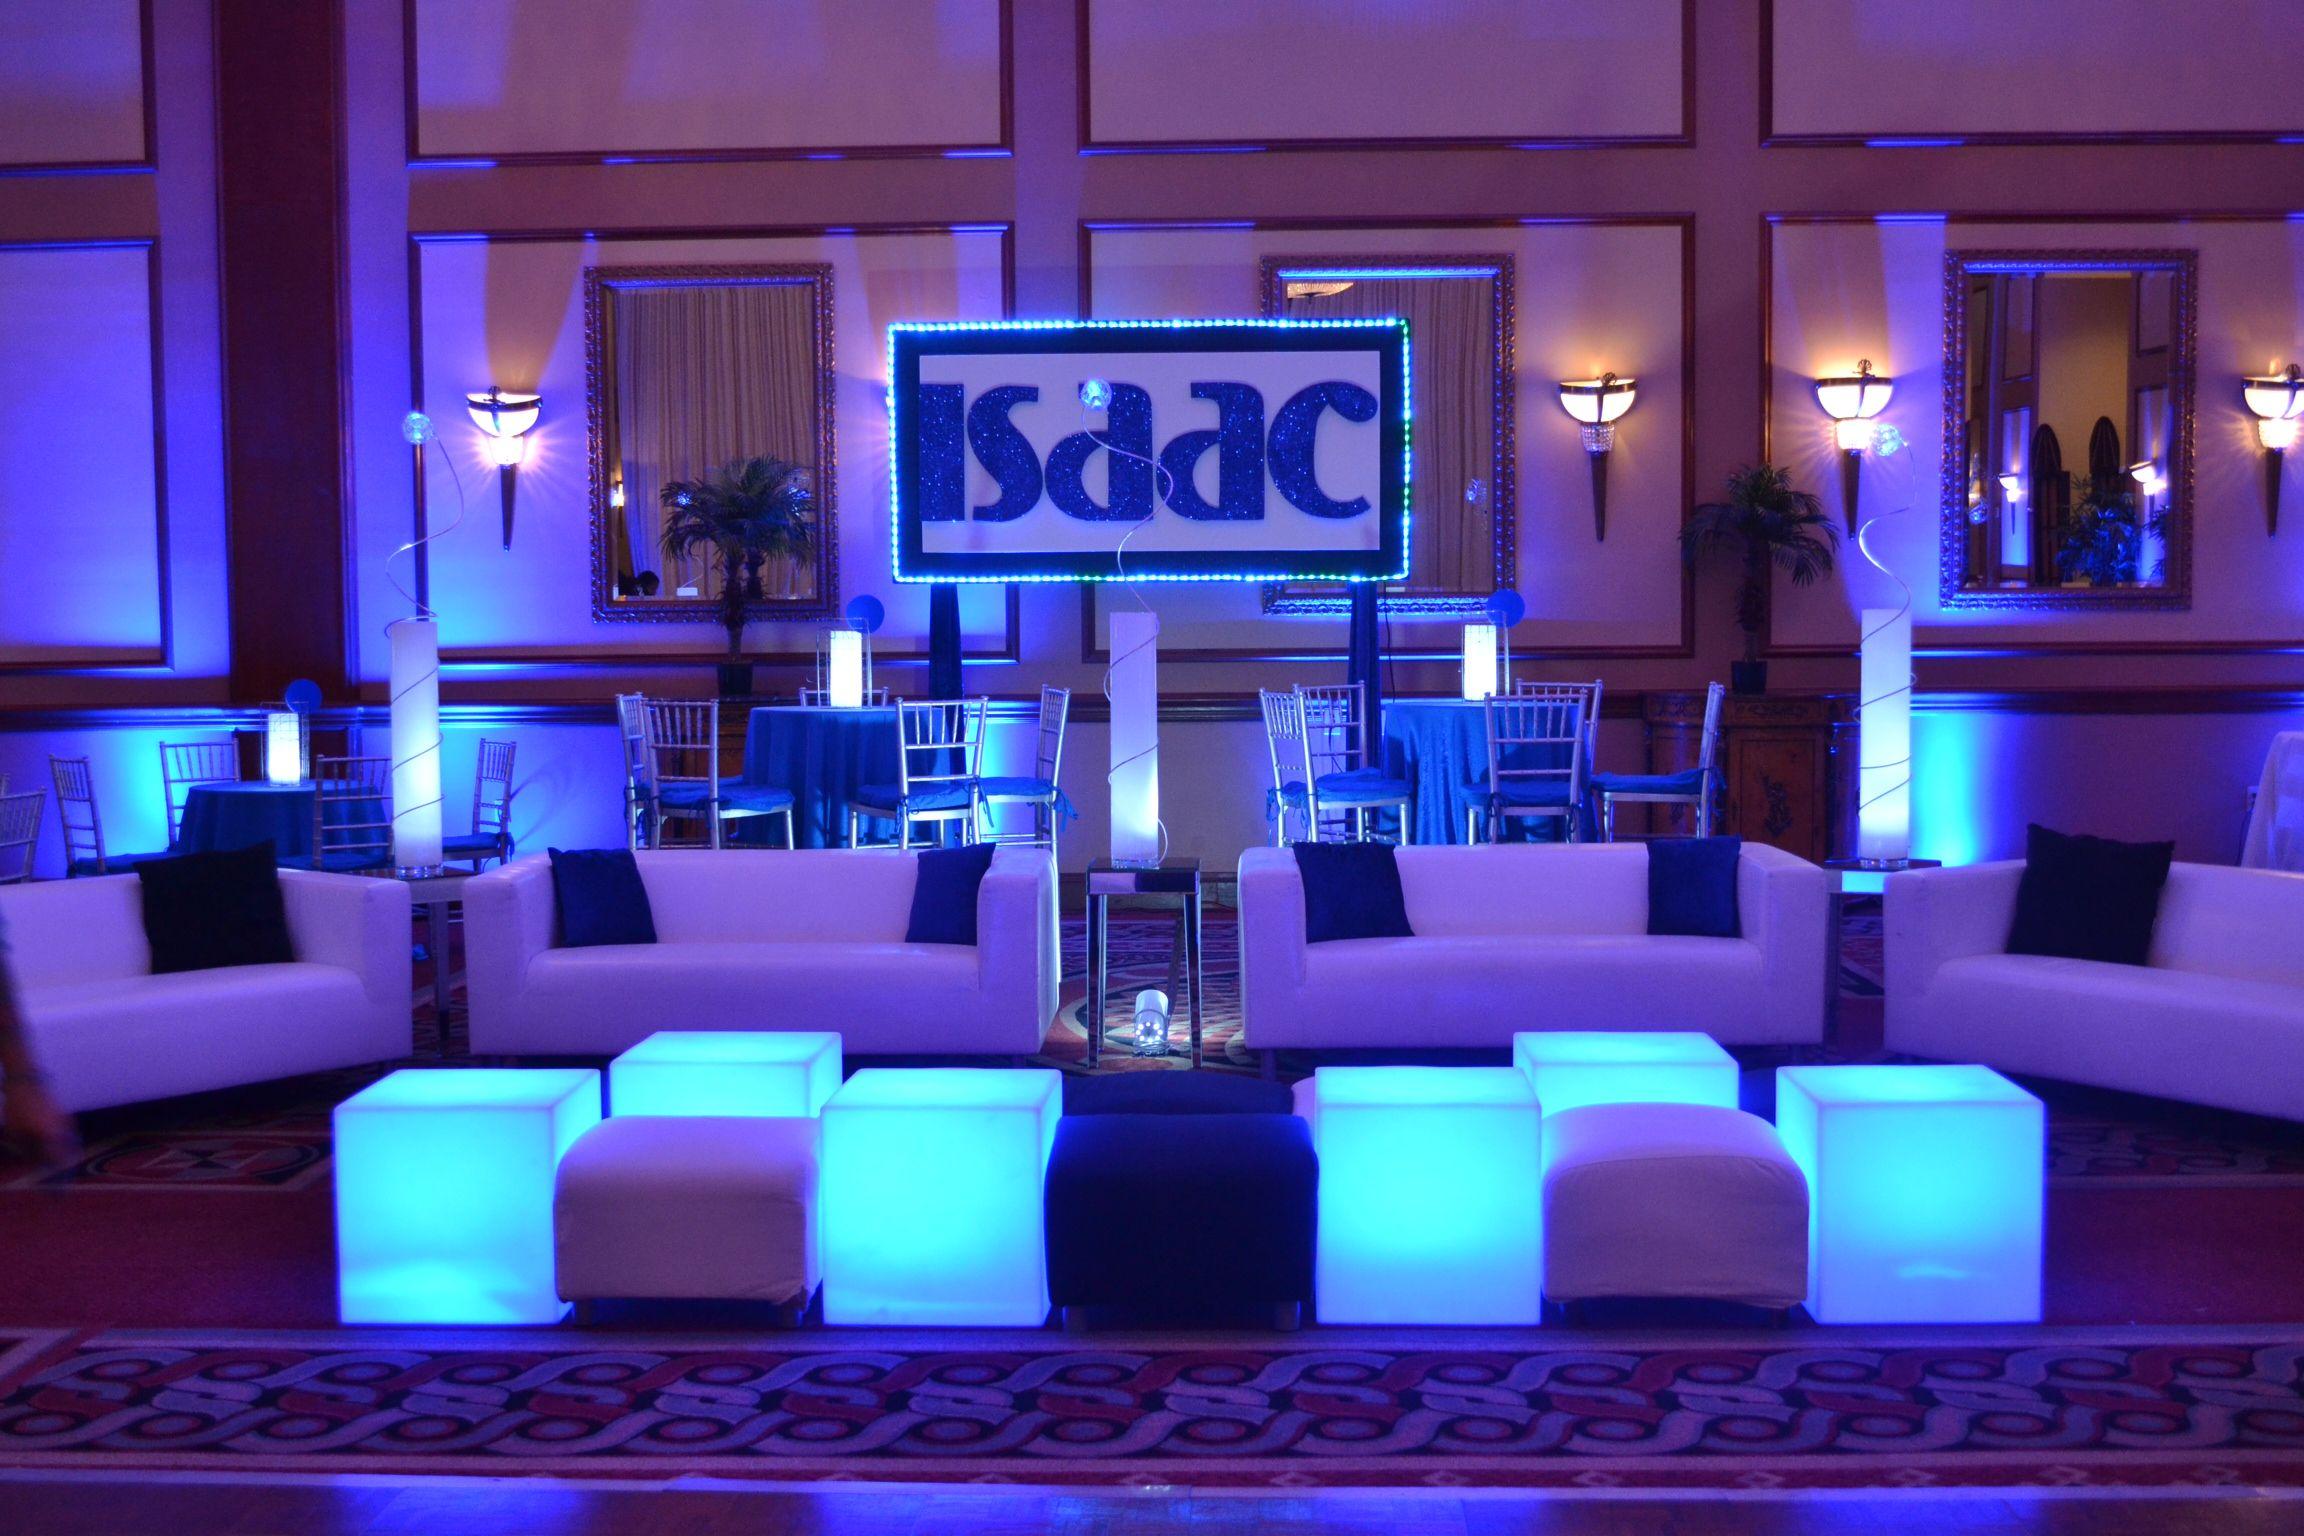 Bar mitzvah decor south florida mitzvah production by 84 west events - Bar Mitzvah Event Decor Blue Color Scheme Glowing Sculpture Centerpieces Party Perfect Boca Raton Fl